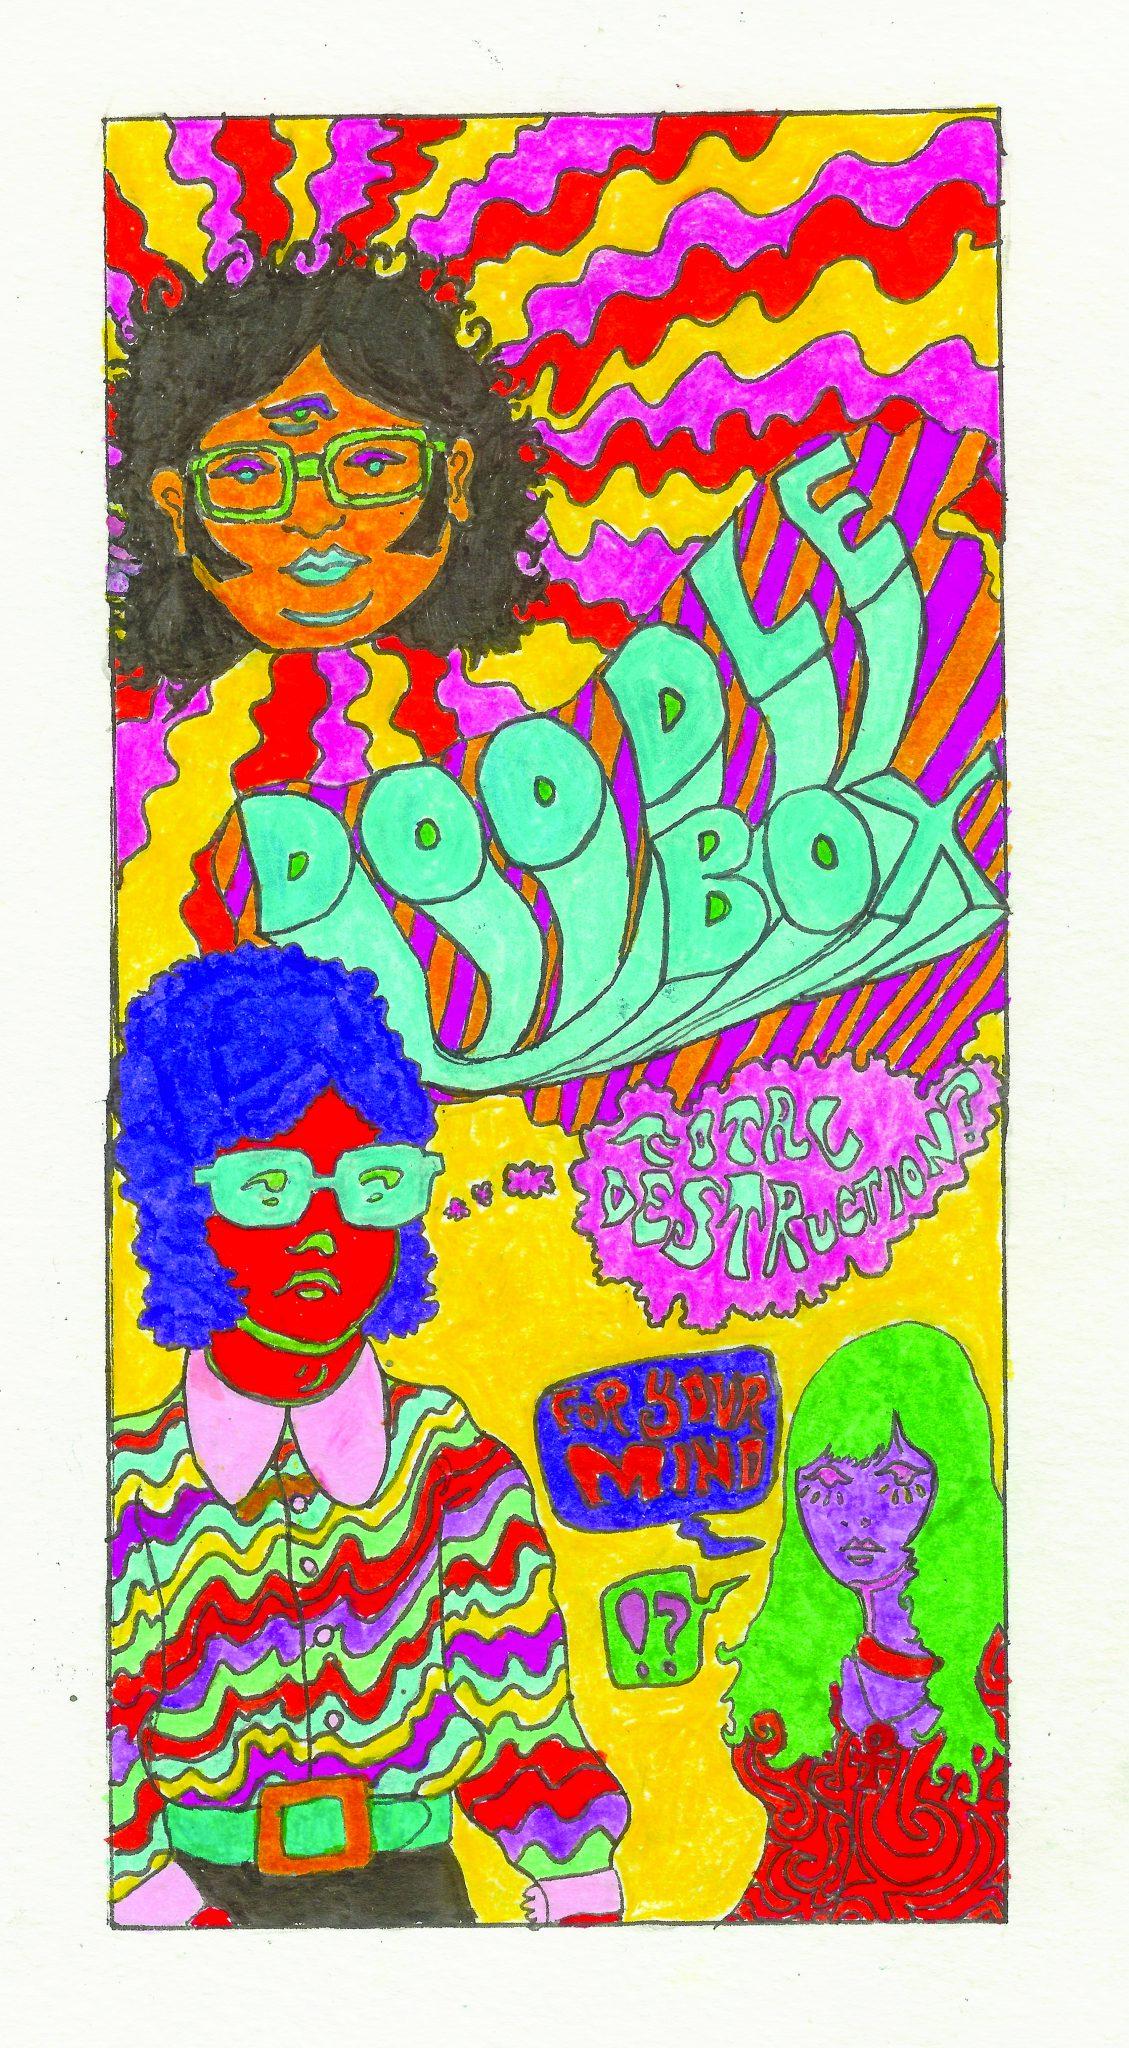 DoodleBox